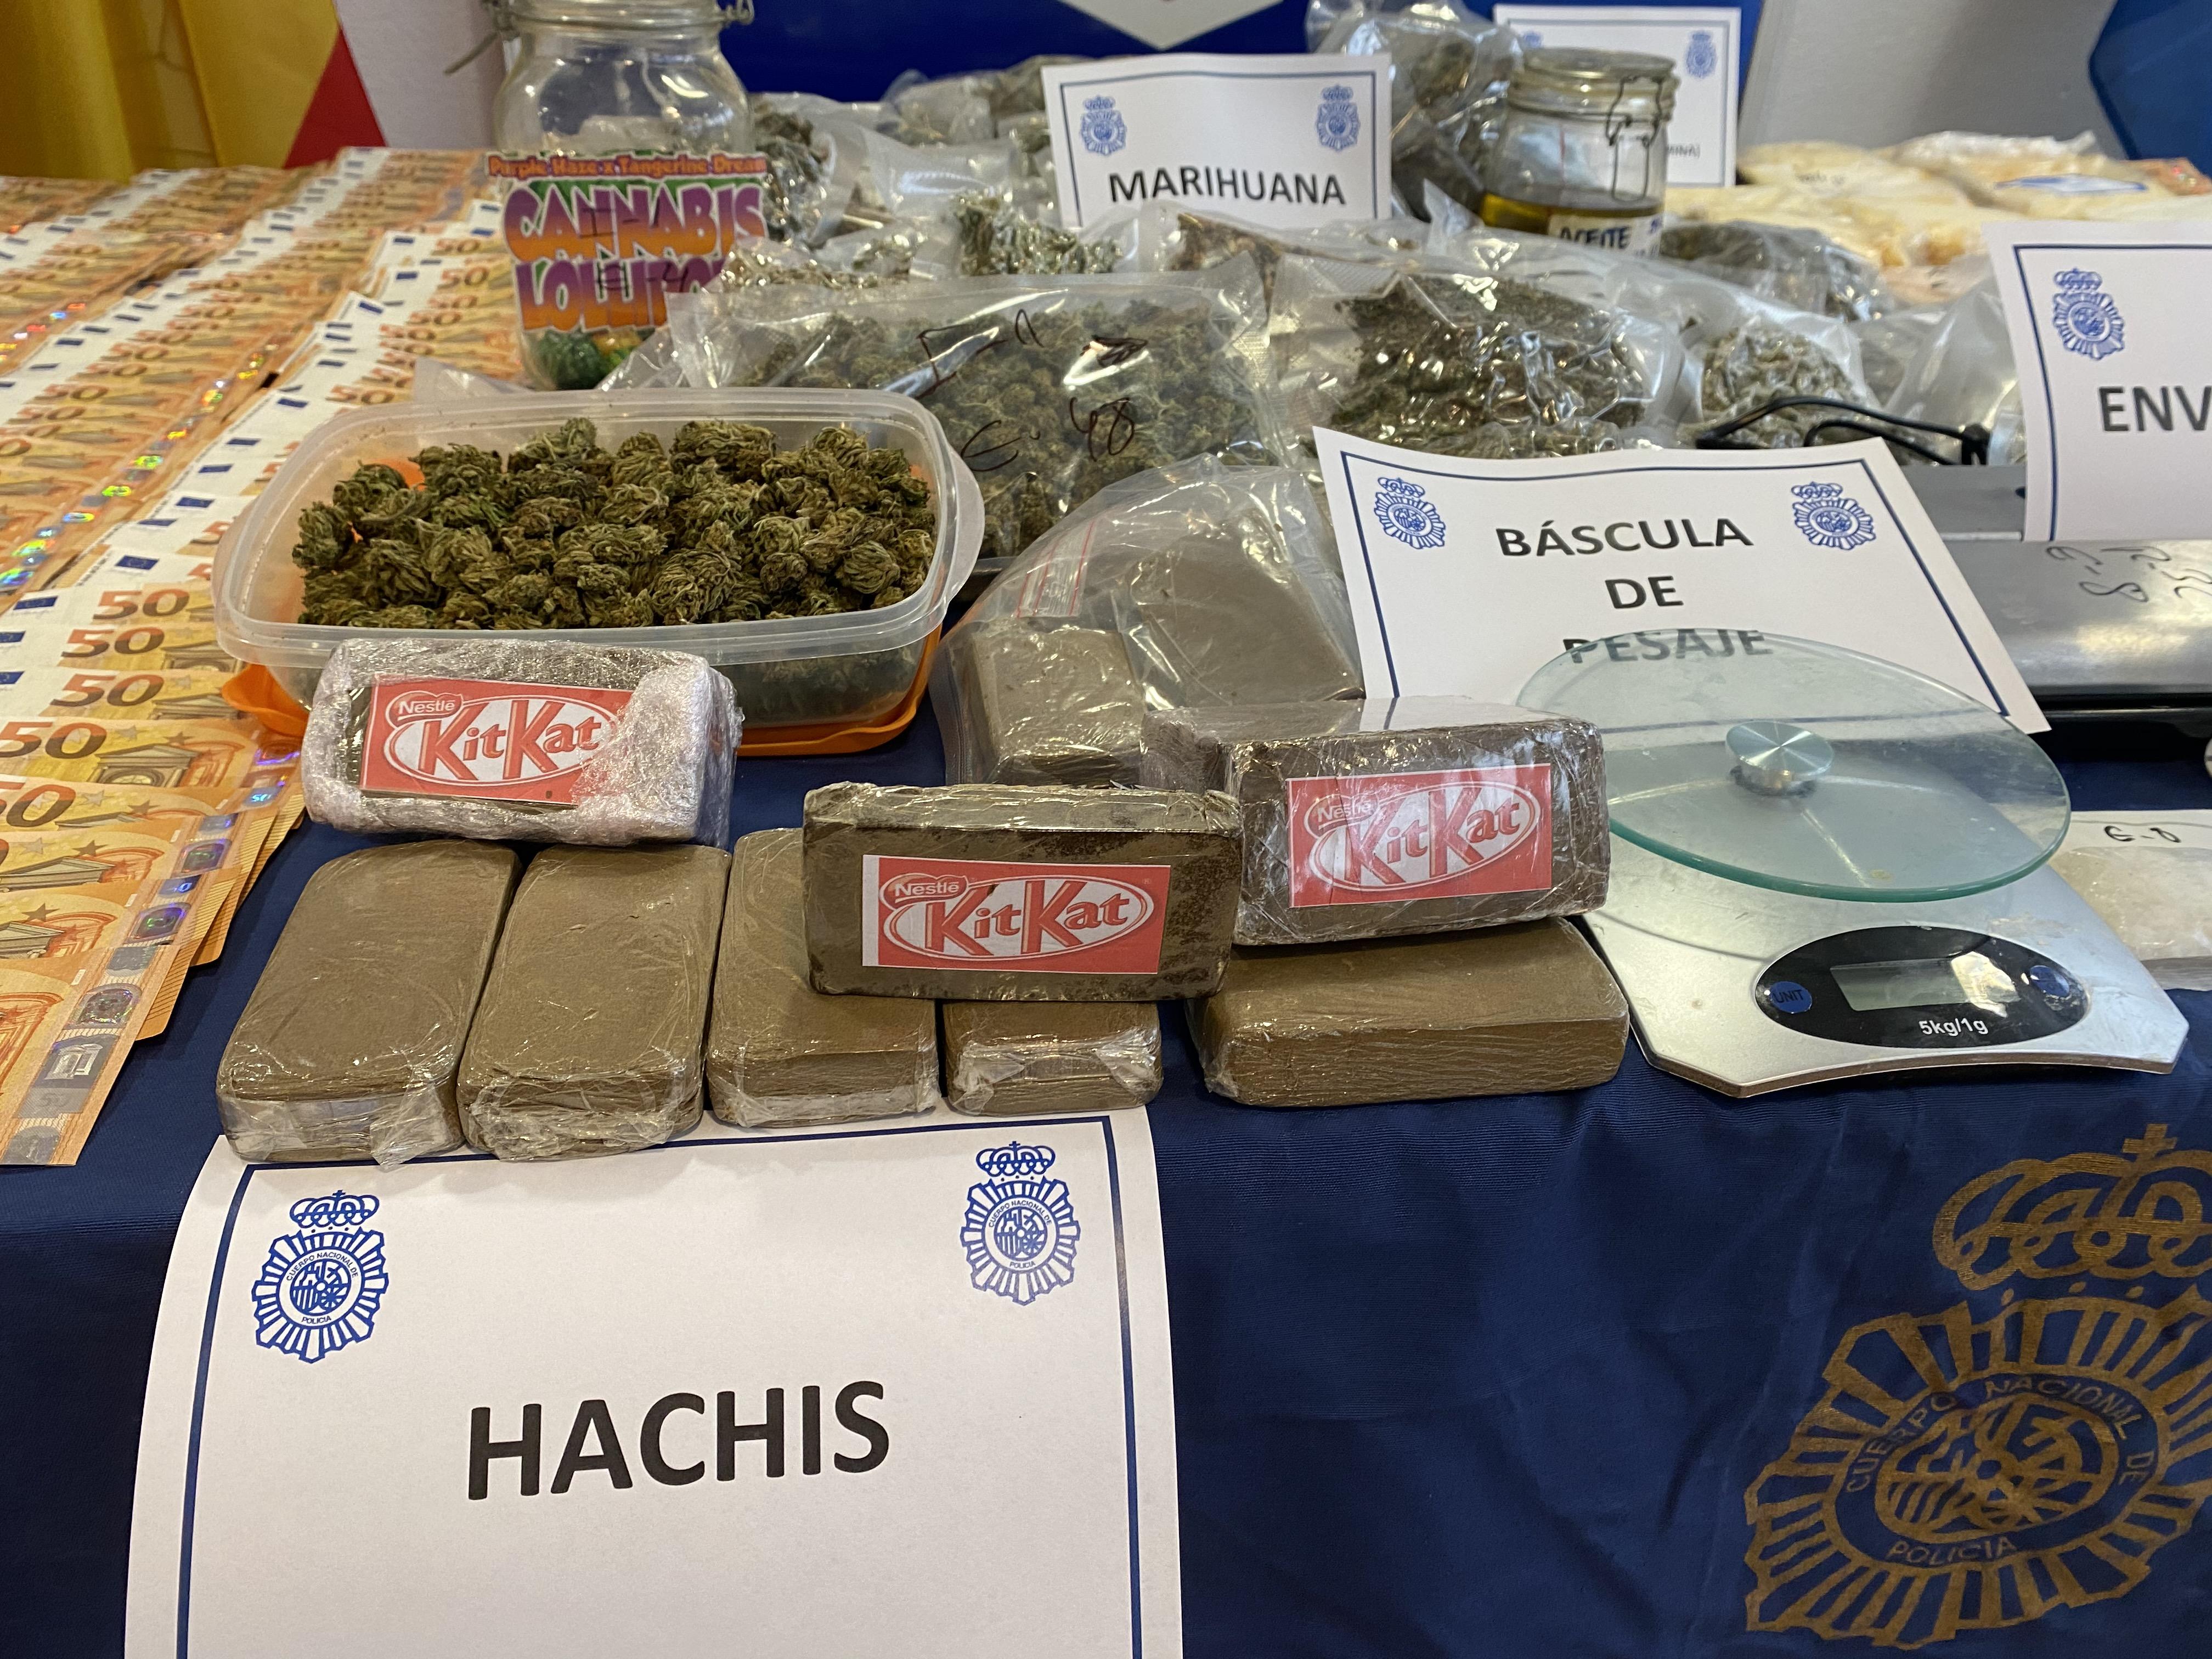 Macrorredada de la Policía Nacional contra el tráfico de estupefacientes / CanariasNoticias.es